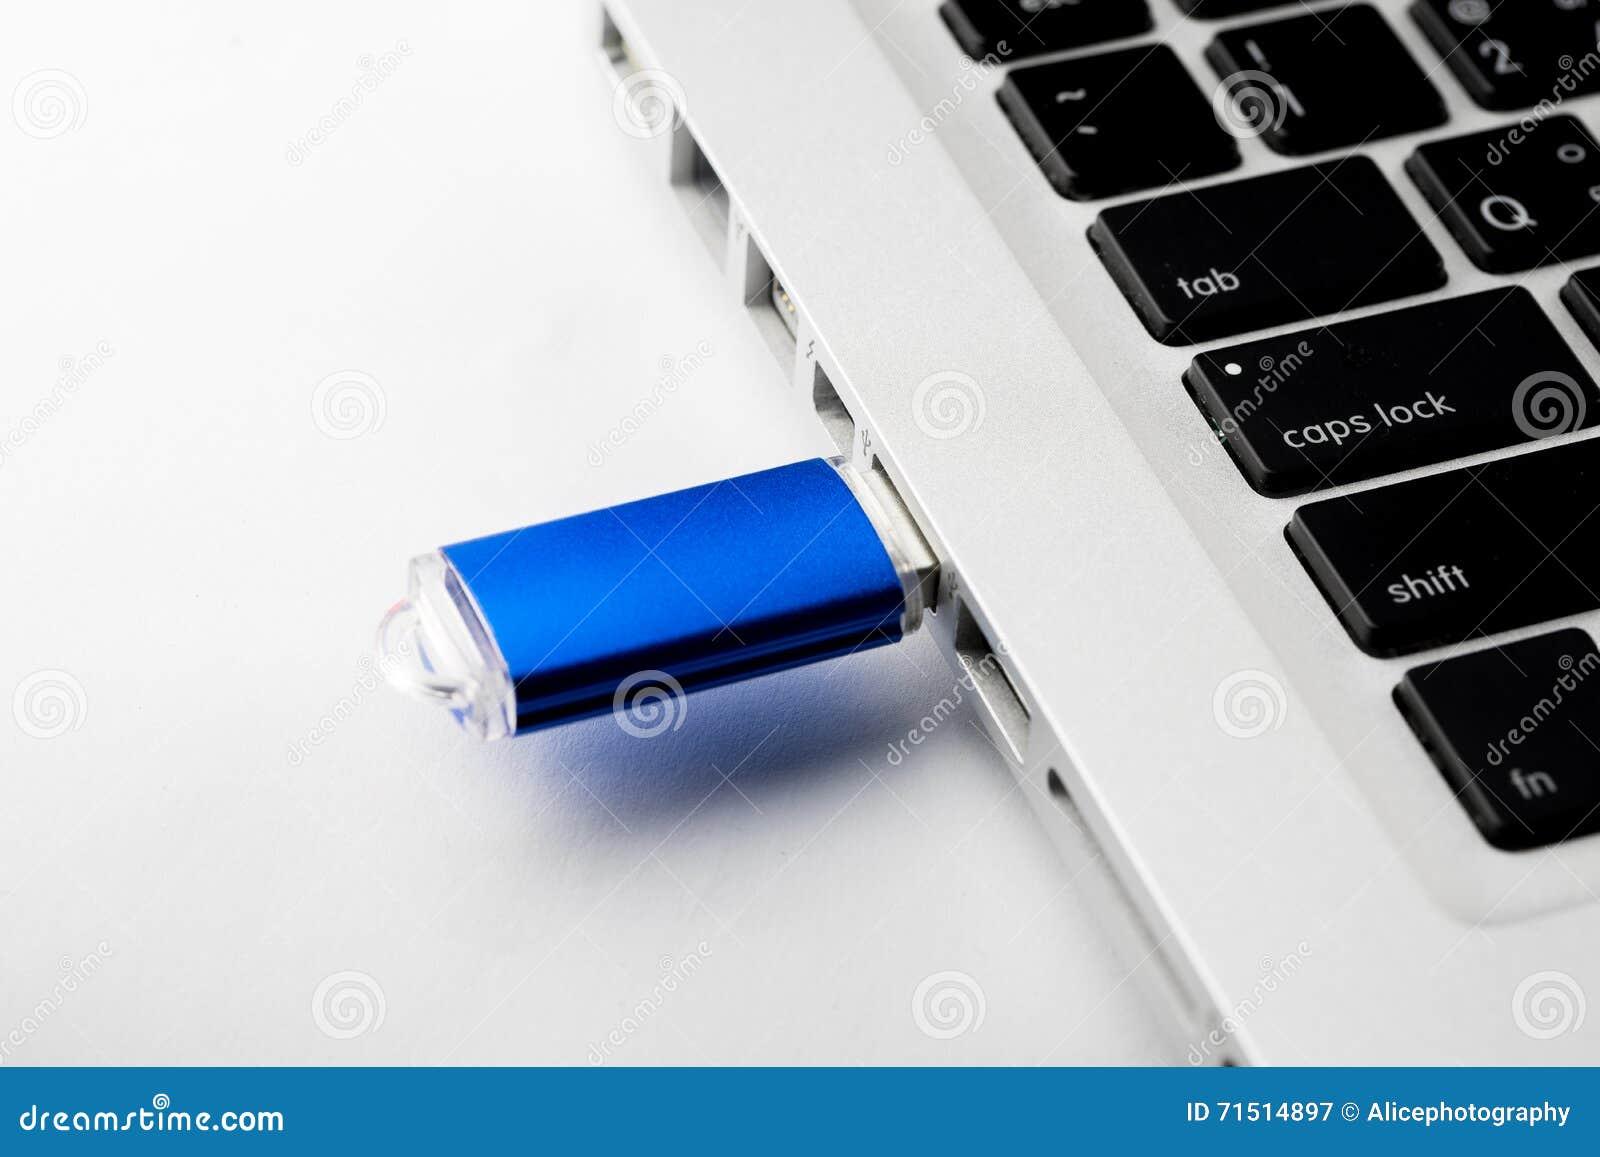 Chiavetta usb sulla tastiera del computer portatile del computer